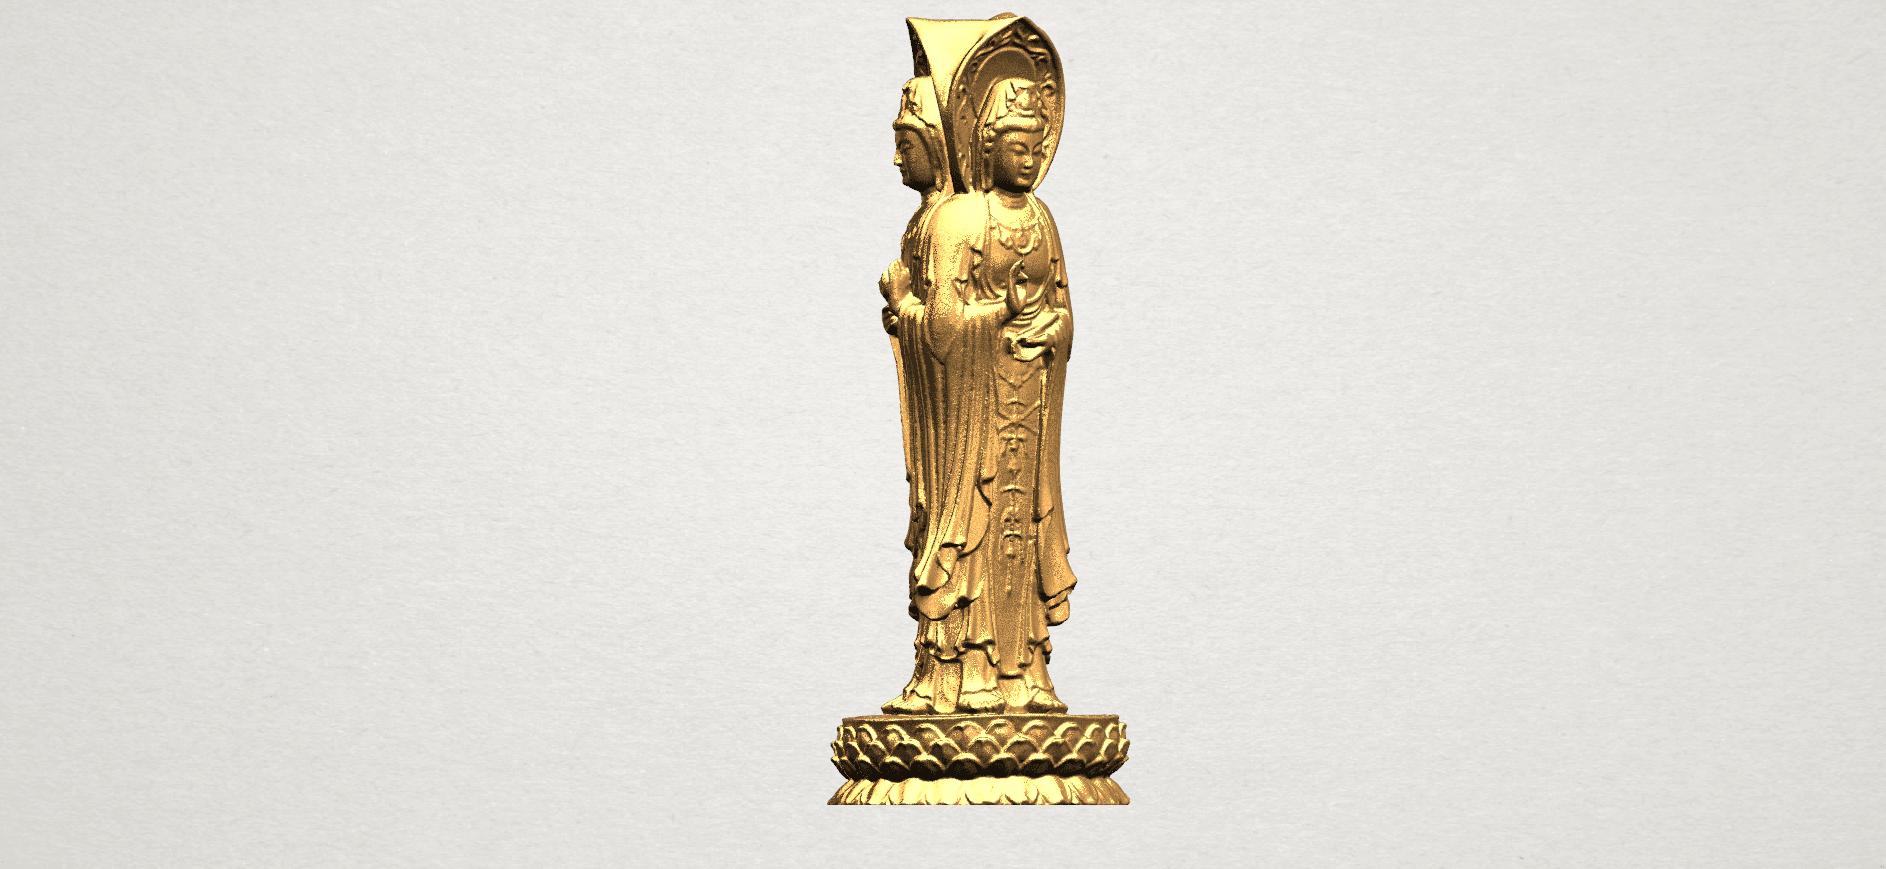 Avalokitesvara Buddha (with Lotus Leave) (i) A03.png Download free STL file Avalokitesvara Buddha (with Lotus Leave) 01 • 3D printable model, GeorgesNikkei